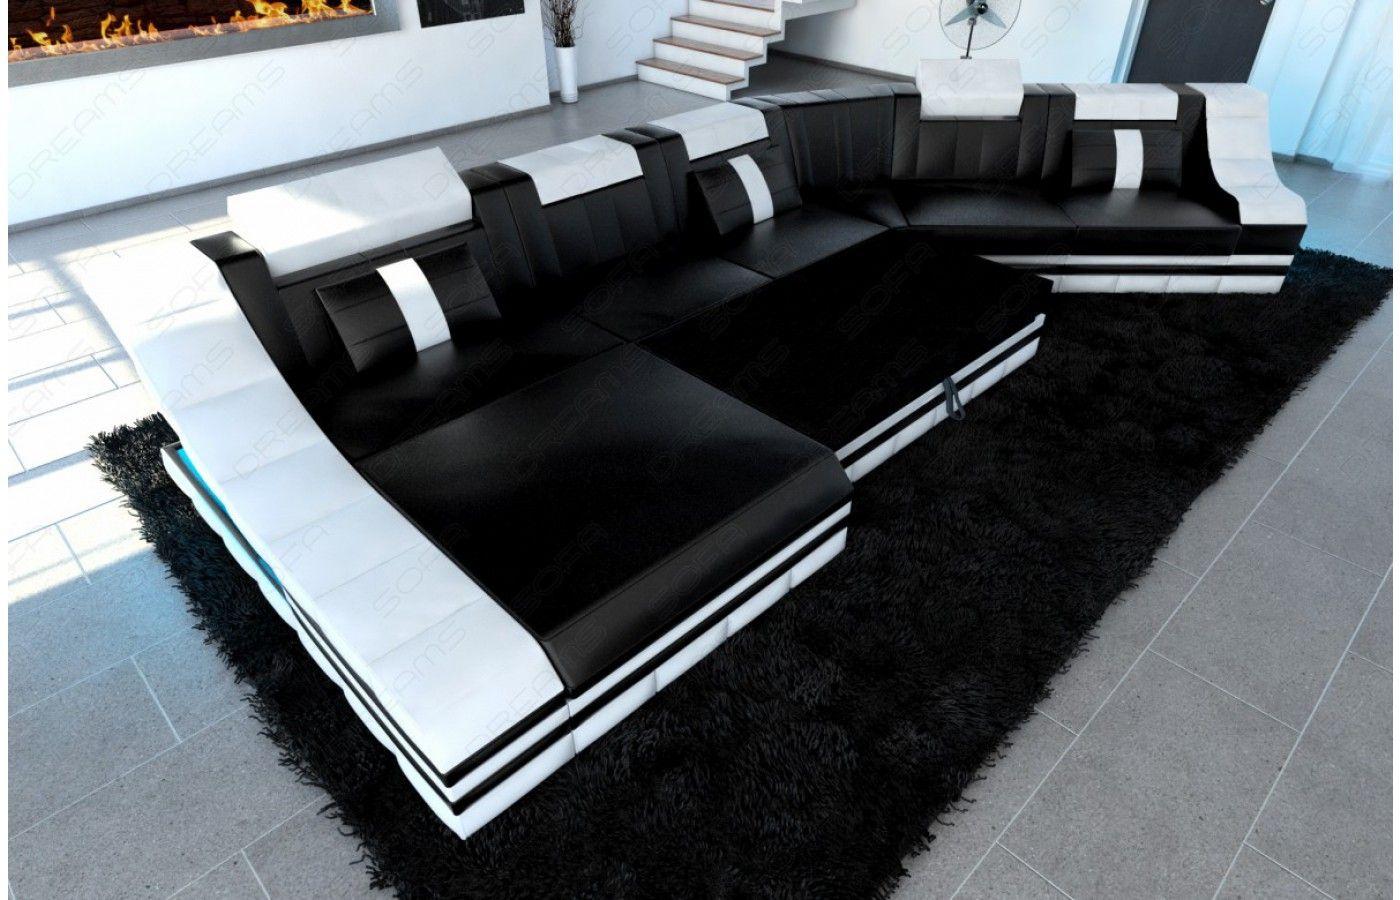 leder wohnlandschaft turino cl mit led in schwarz wei exklusiv bei sofa dreams leder. Black Bedroom Furniture Sets. Home Design Ideas